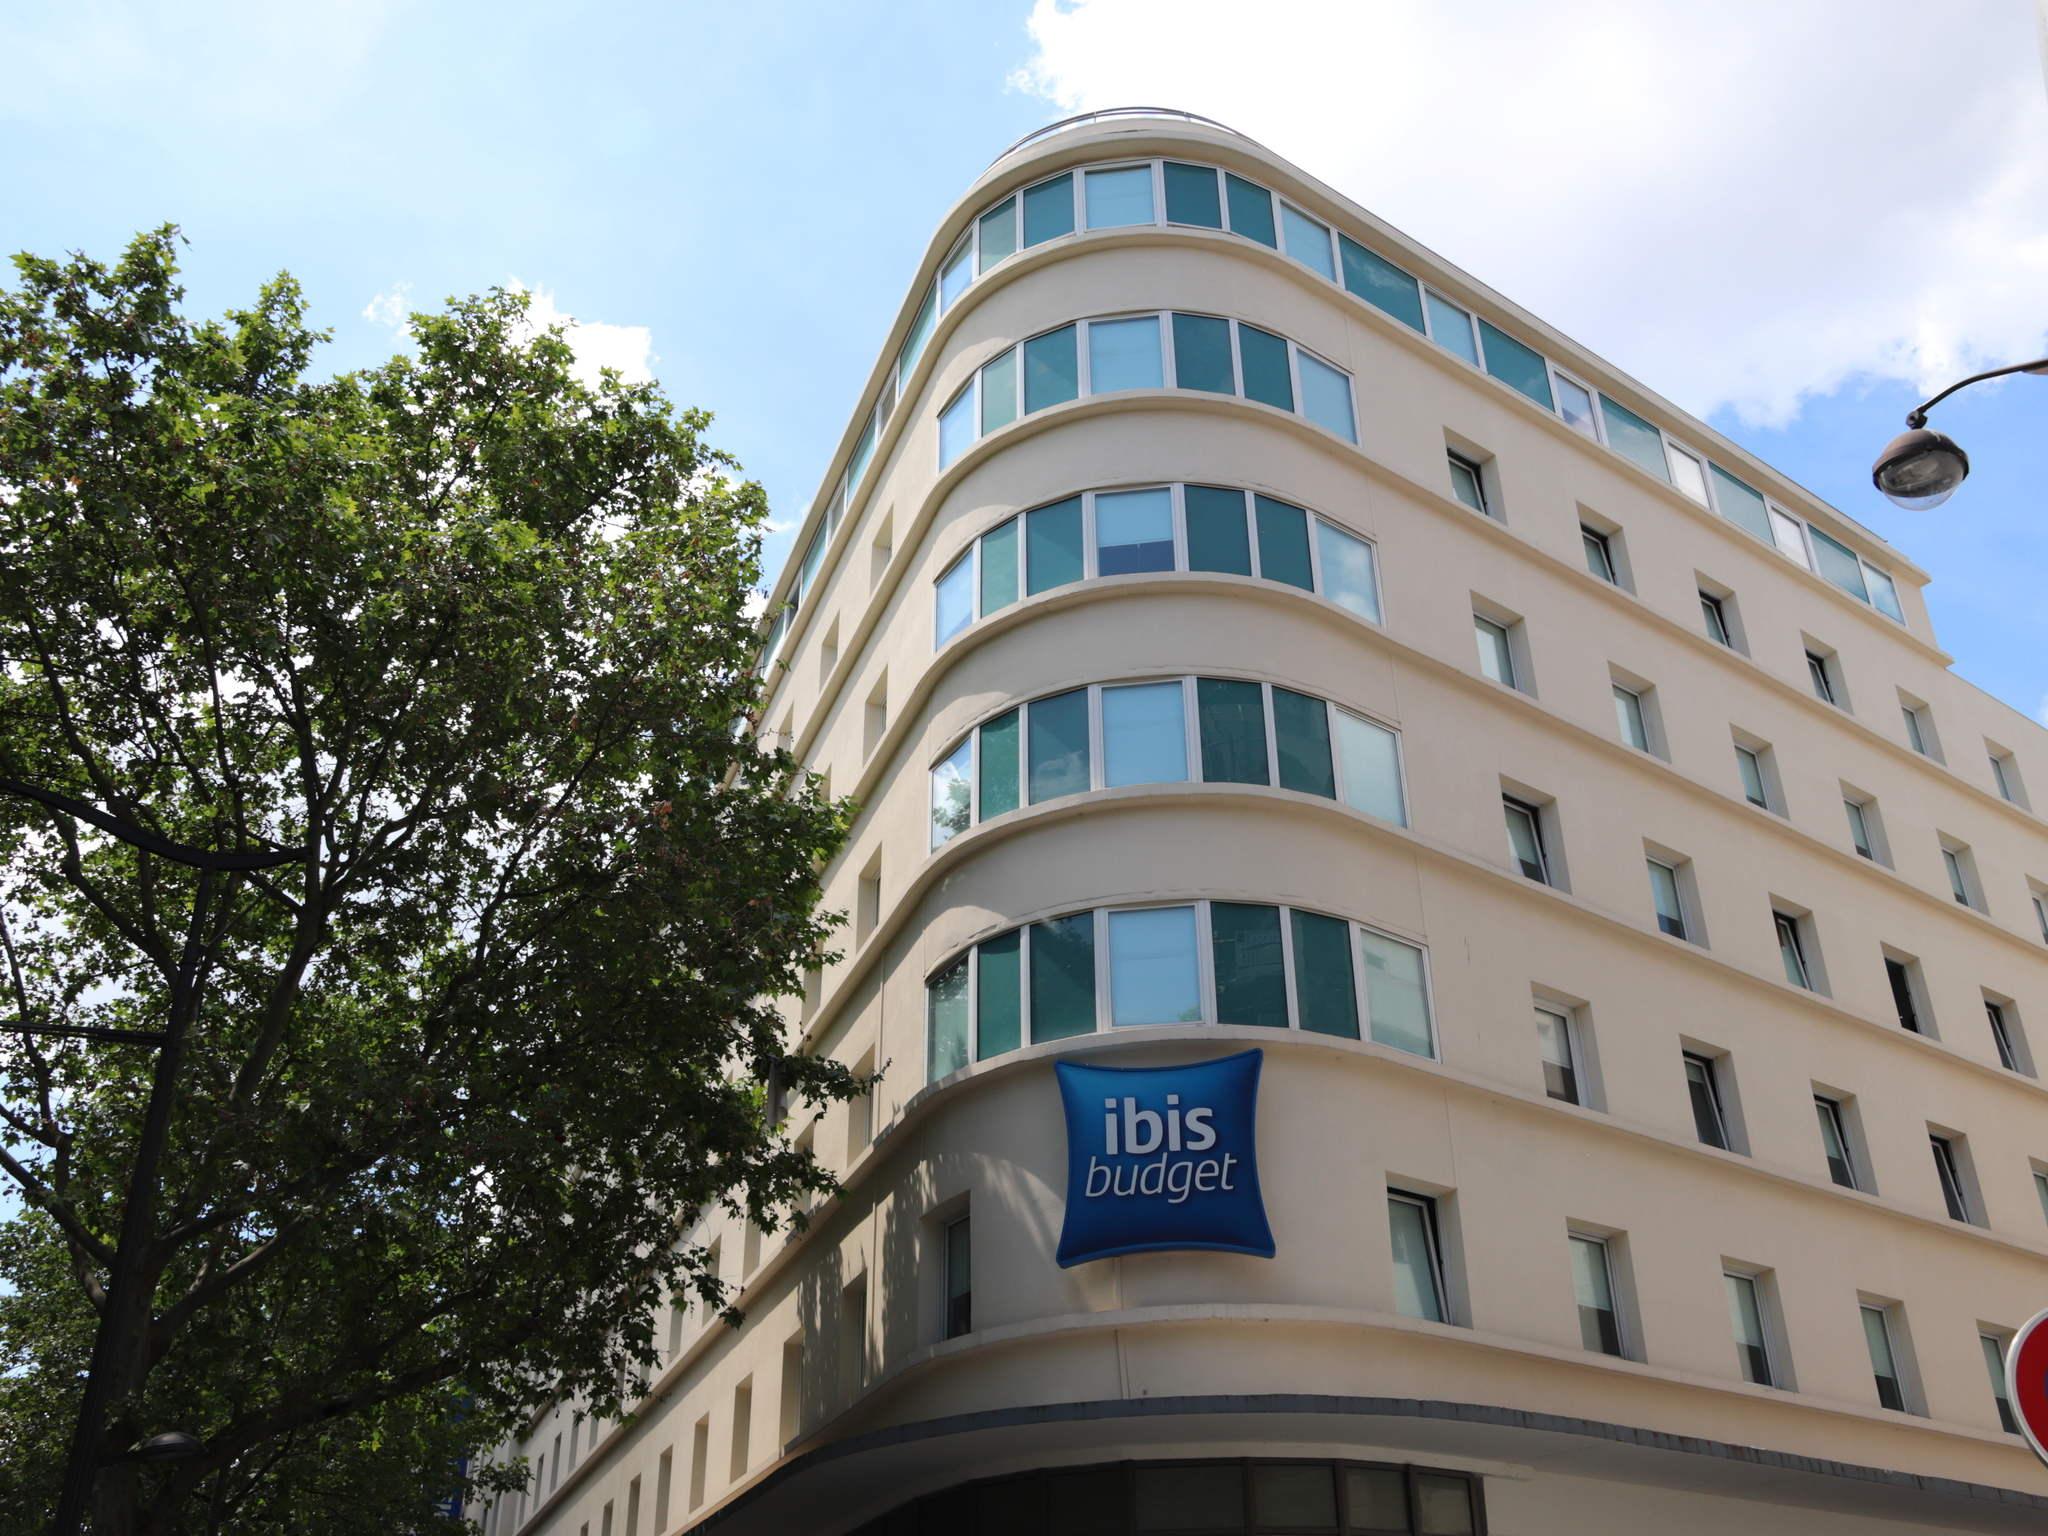 فندق - إيبيس بدجت ibis budget باريس لافيليت الدائرة 19